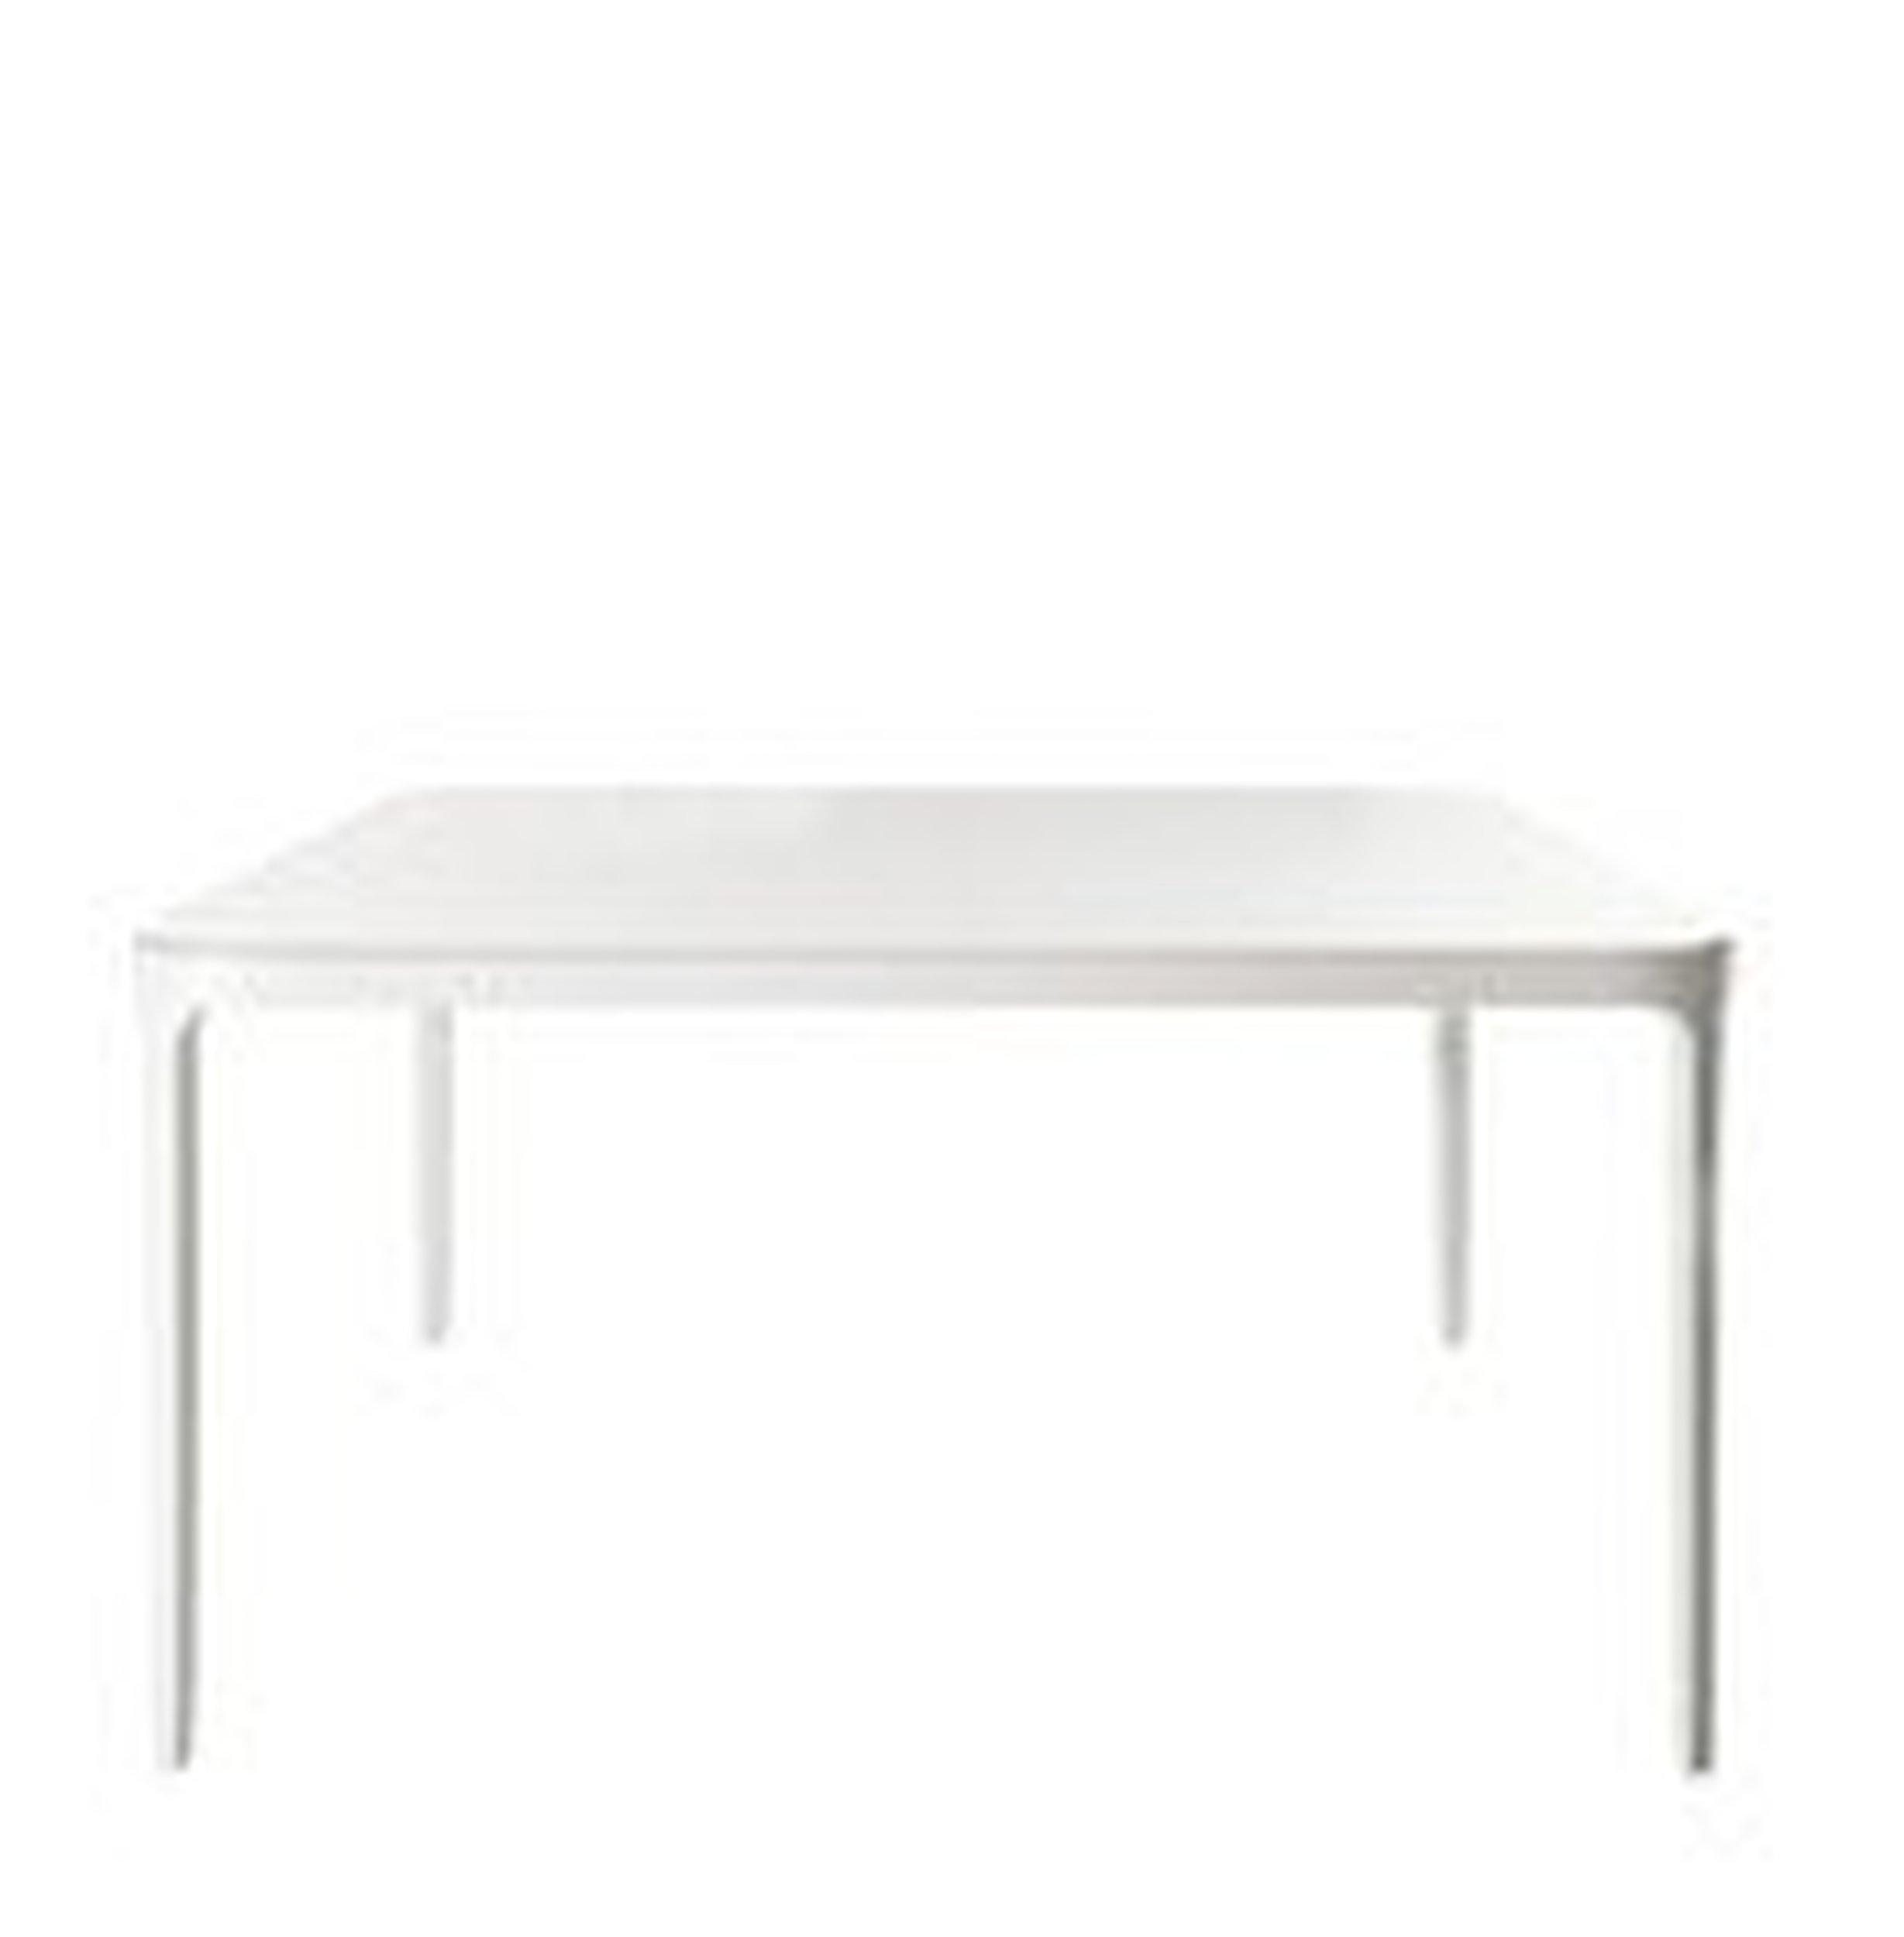 Stół Vanity kwadratowy 90 cm - zdjęcie 1